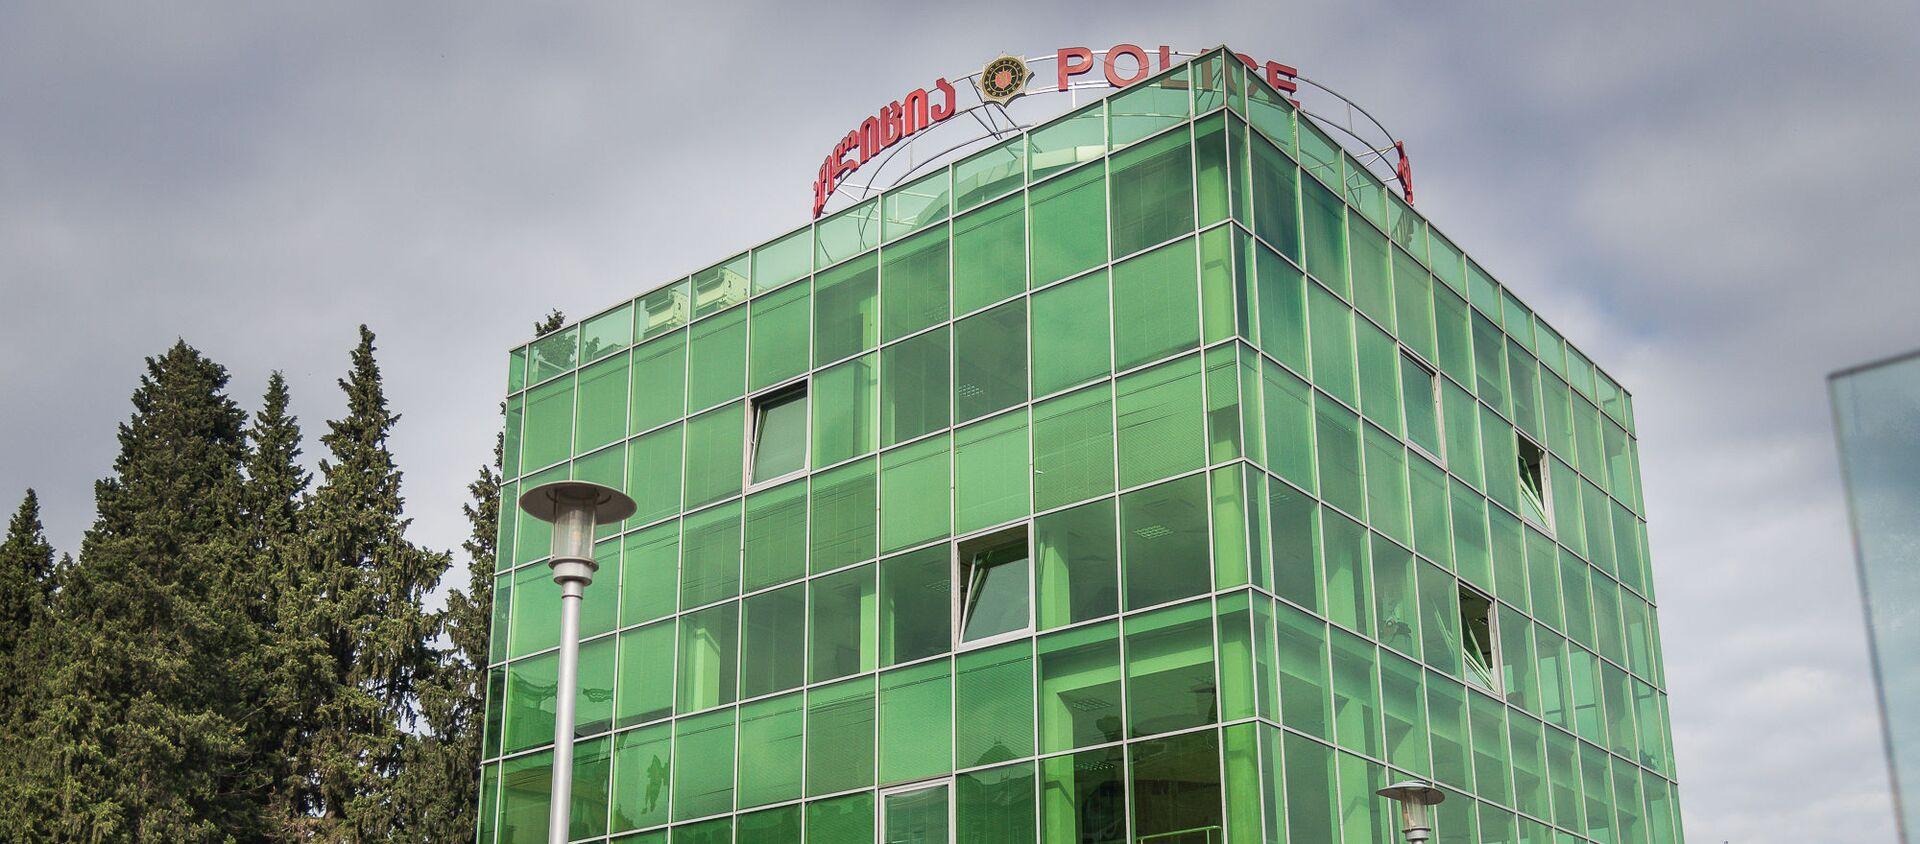 Прозрачный полицейский участок в Тбилиси - Sputnik Грузия, 1920, 24.09.2020